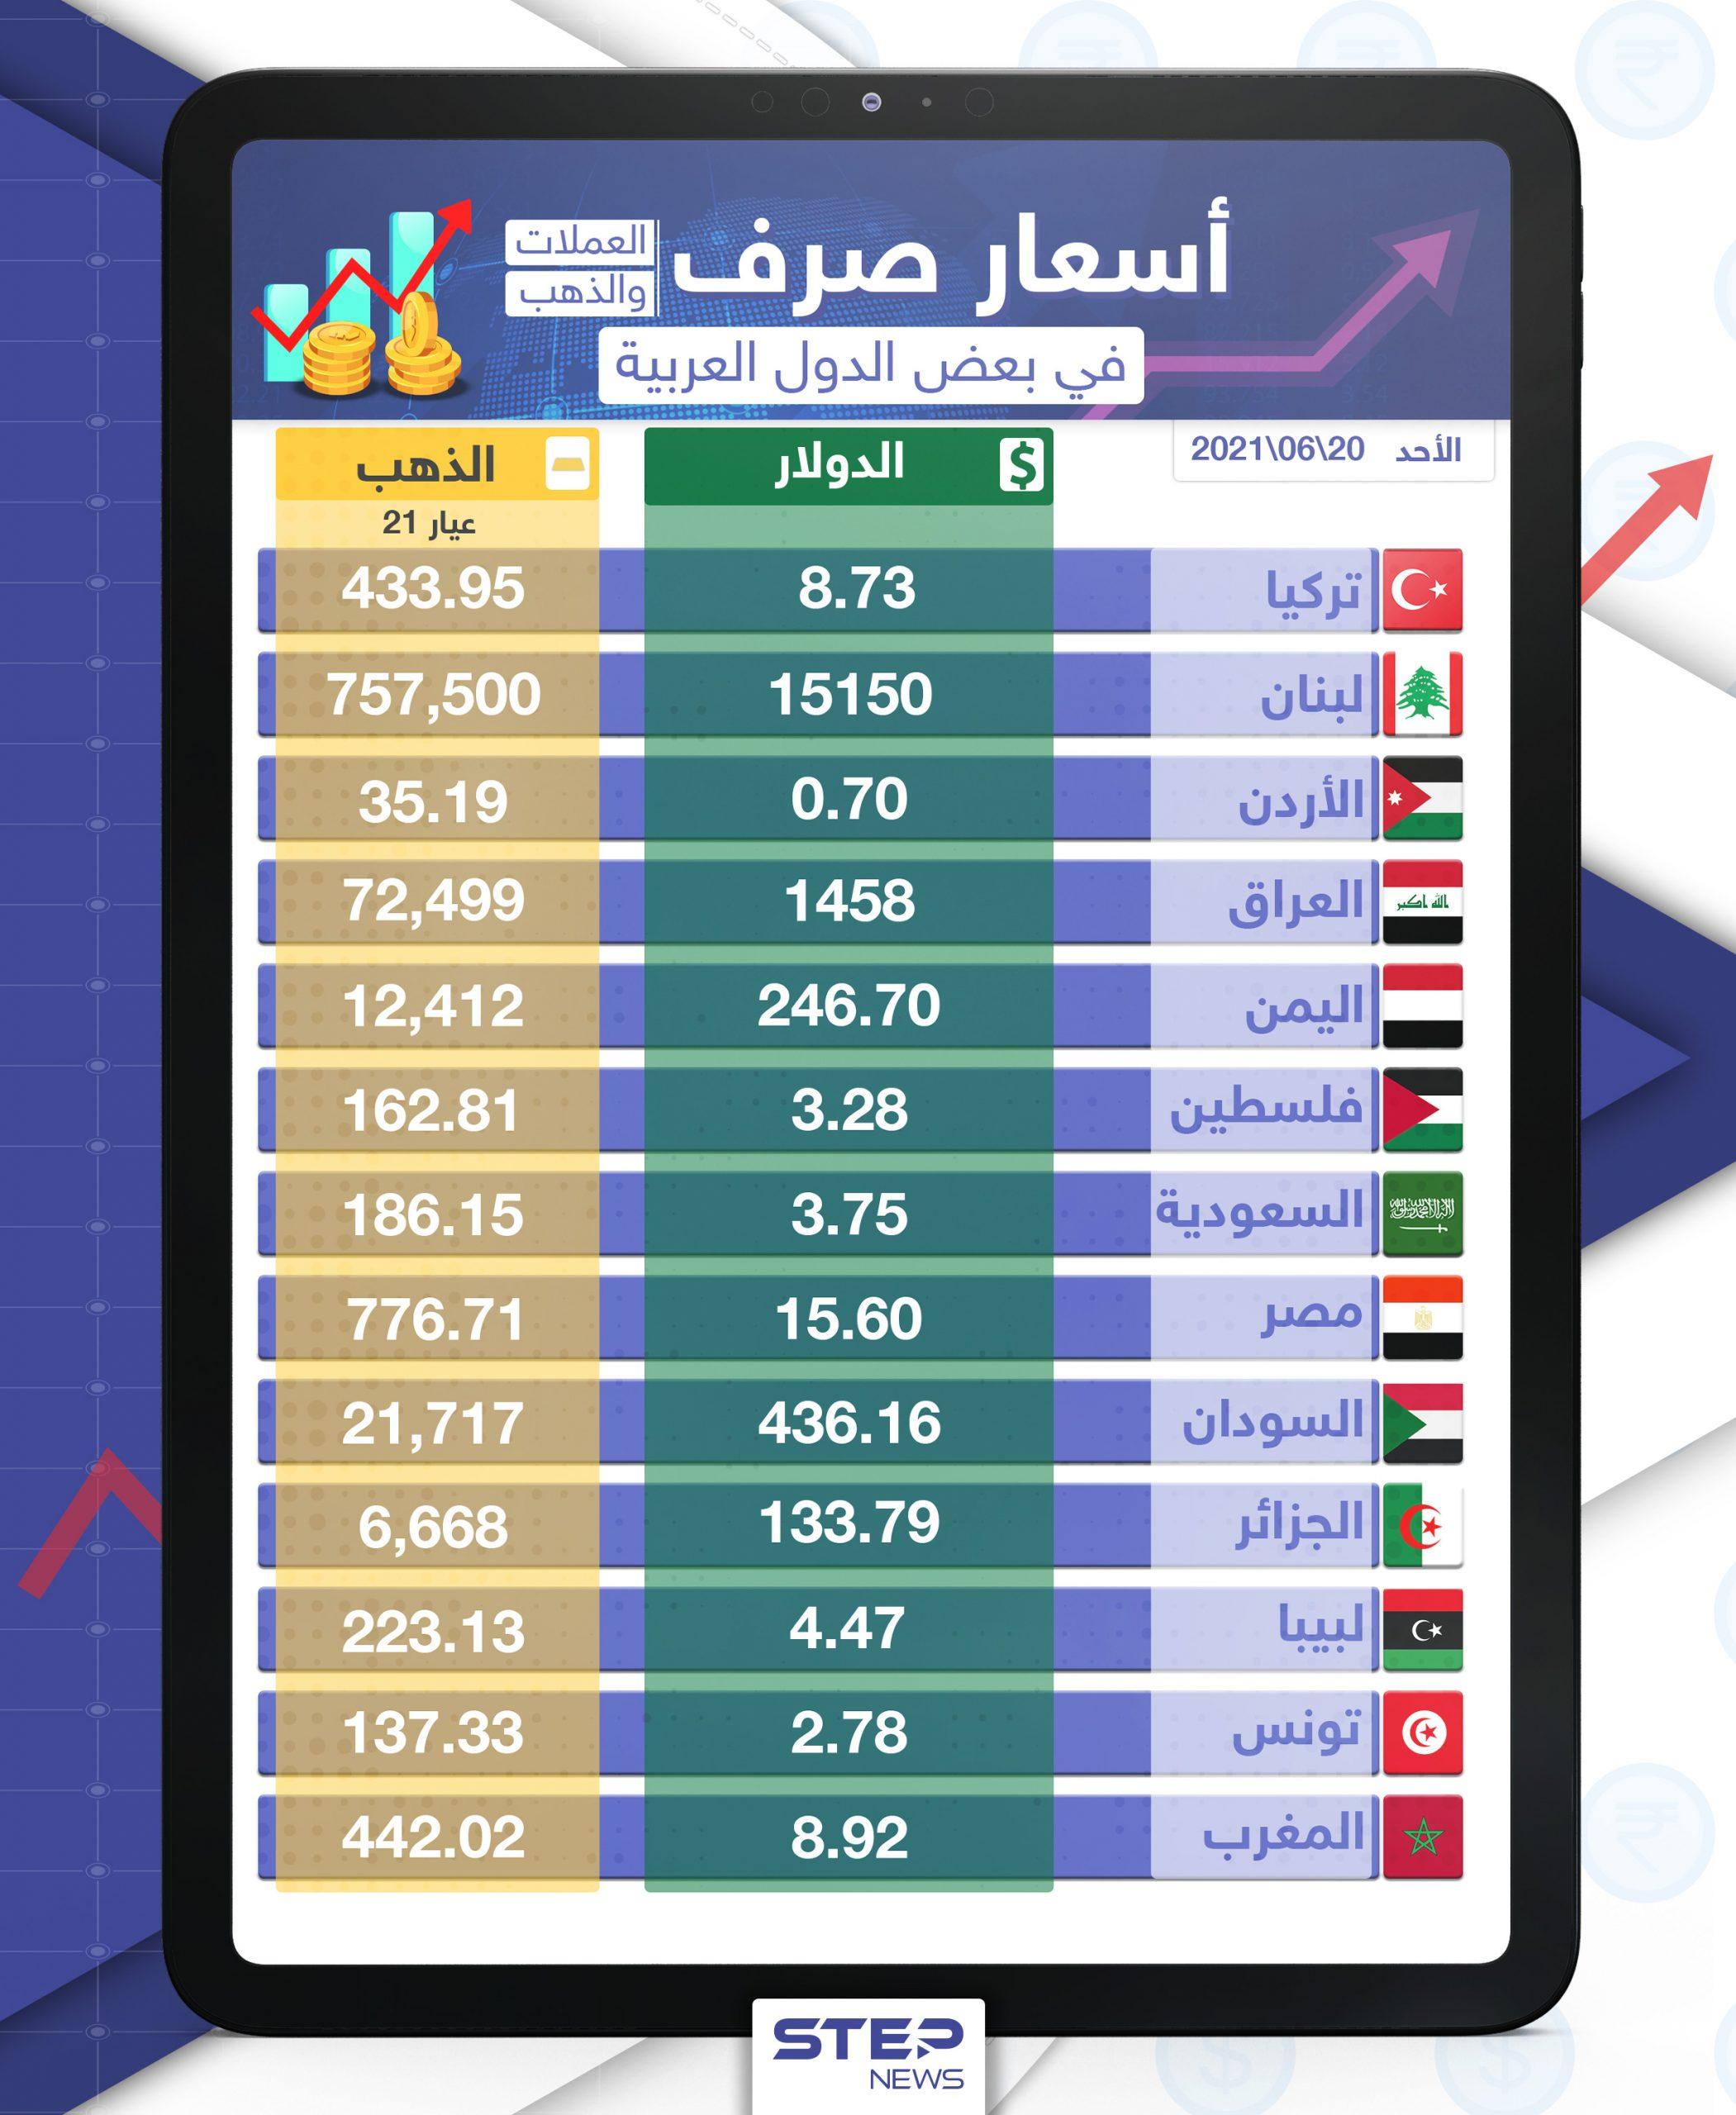 أسعار الذهب والعملات للدول العربية وتركيا اليوم الأحد الموافق 20 حزيران 2021